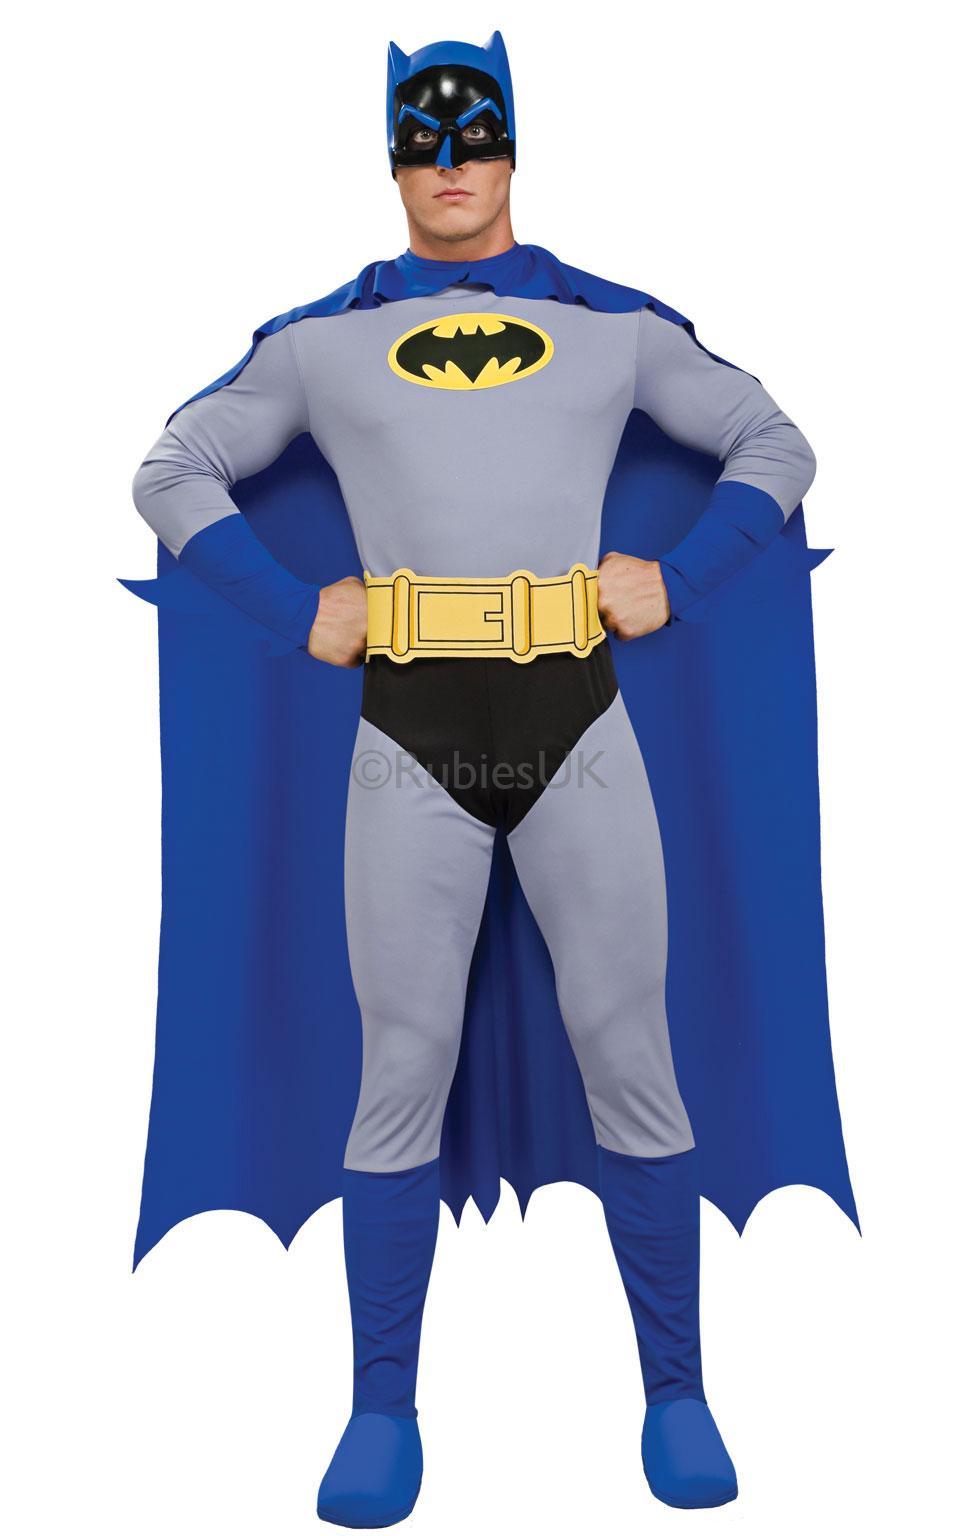 Rubies Kostým Batman - modrý Veľkosť  M - Gifts fe20c725bc7